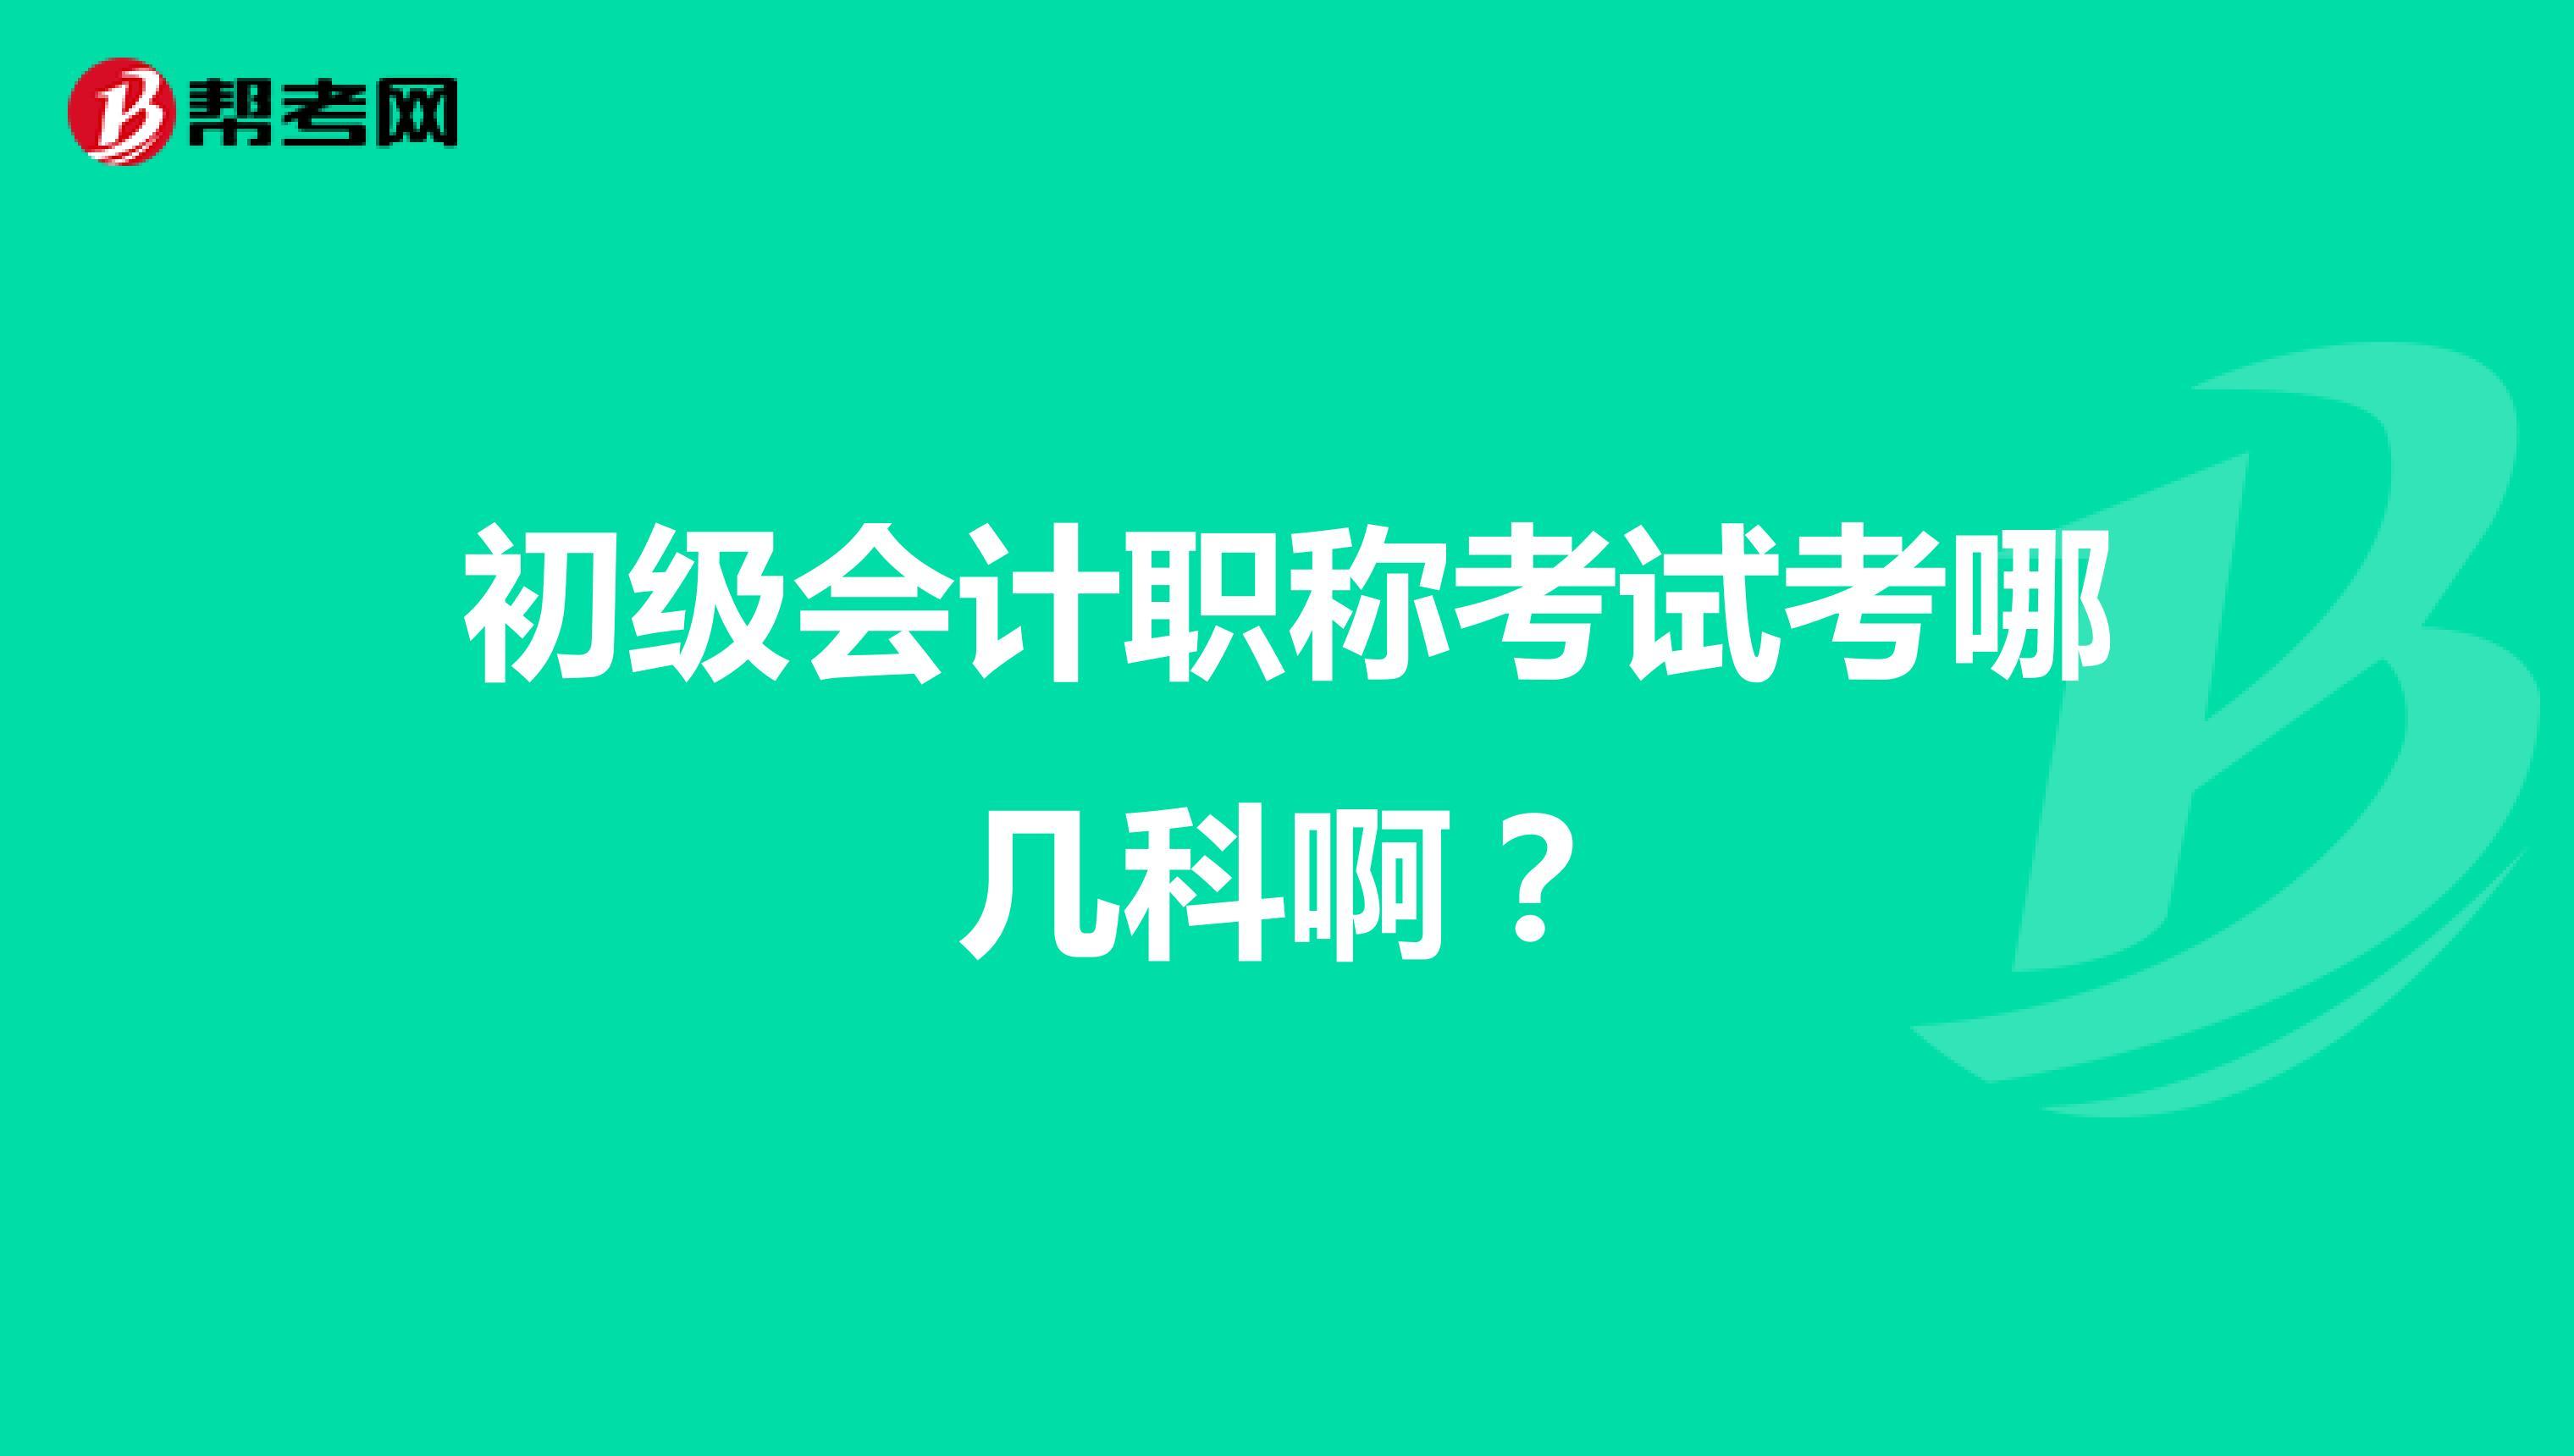 (威廉希尔指数欧500指数)初级会计app考试考哪几科啊?